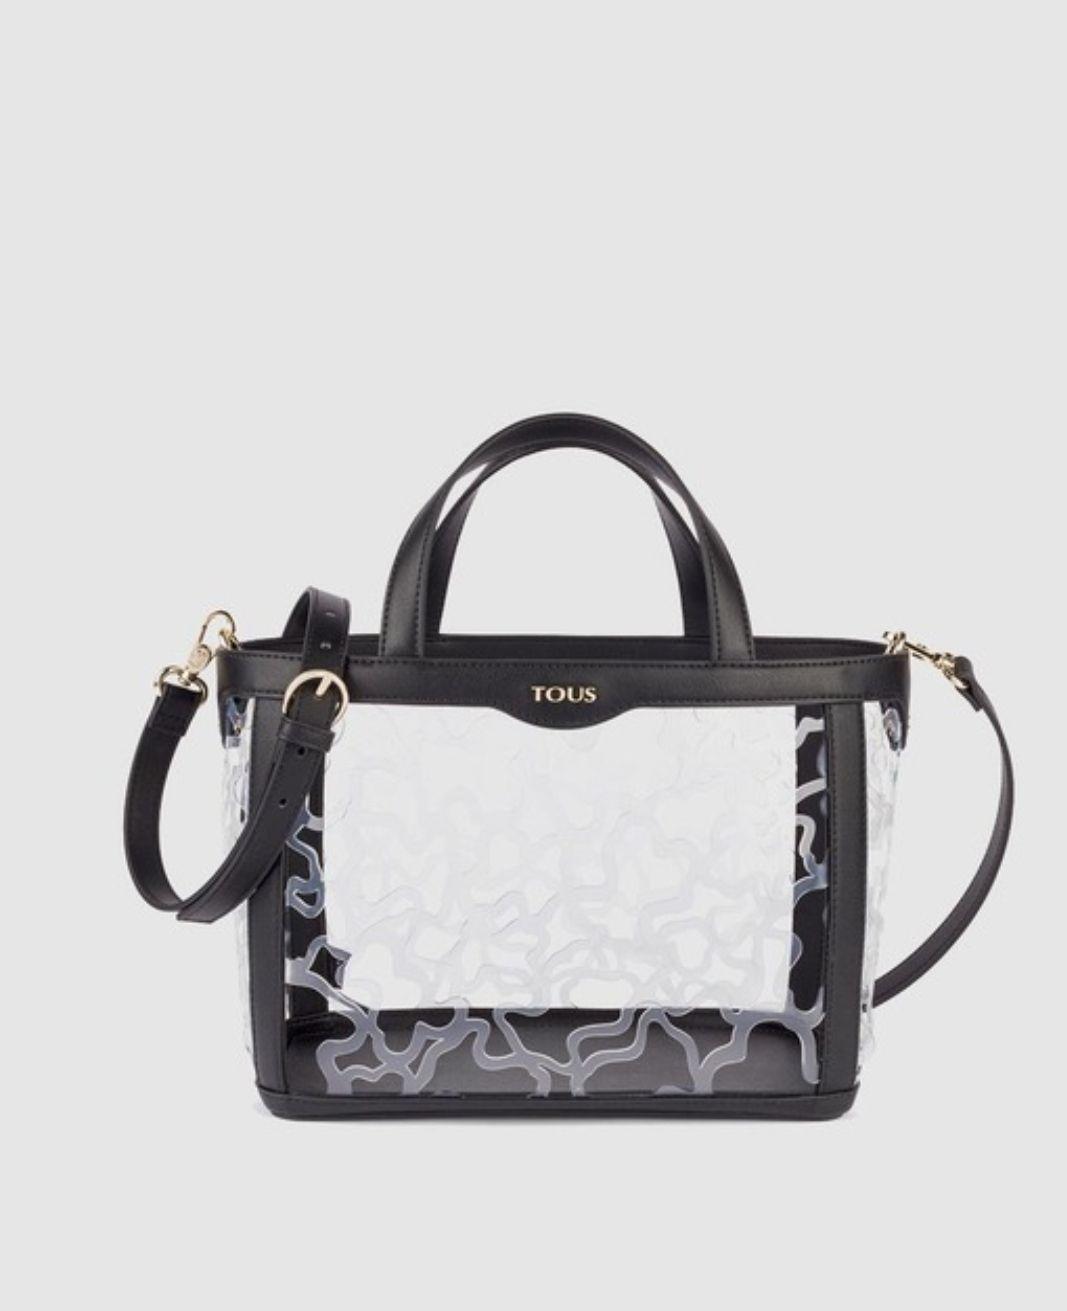 Bolso de mano pequeño Tous Kaos Shock de vinilo en negro con troquelado de logos